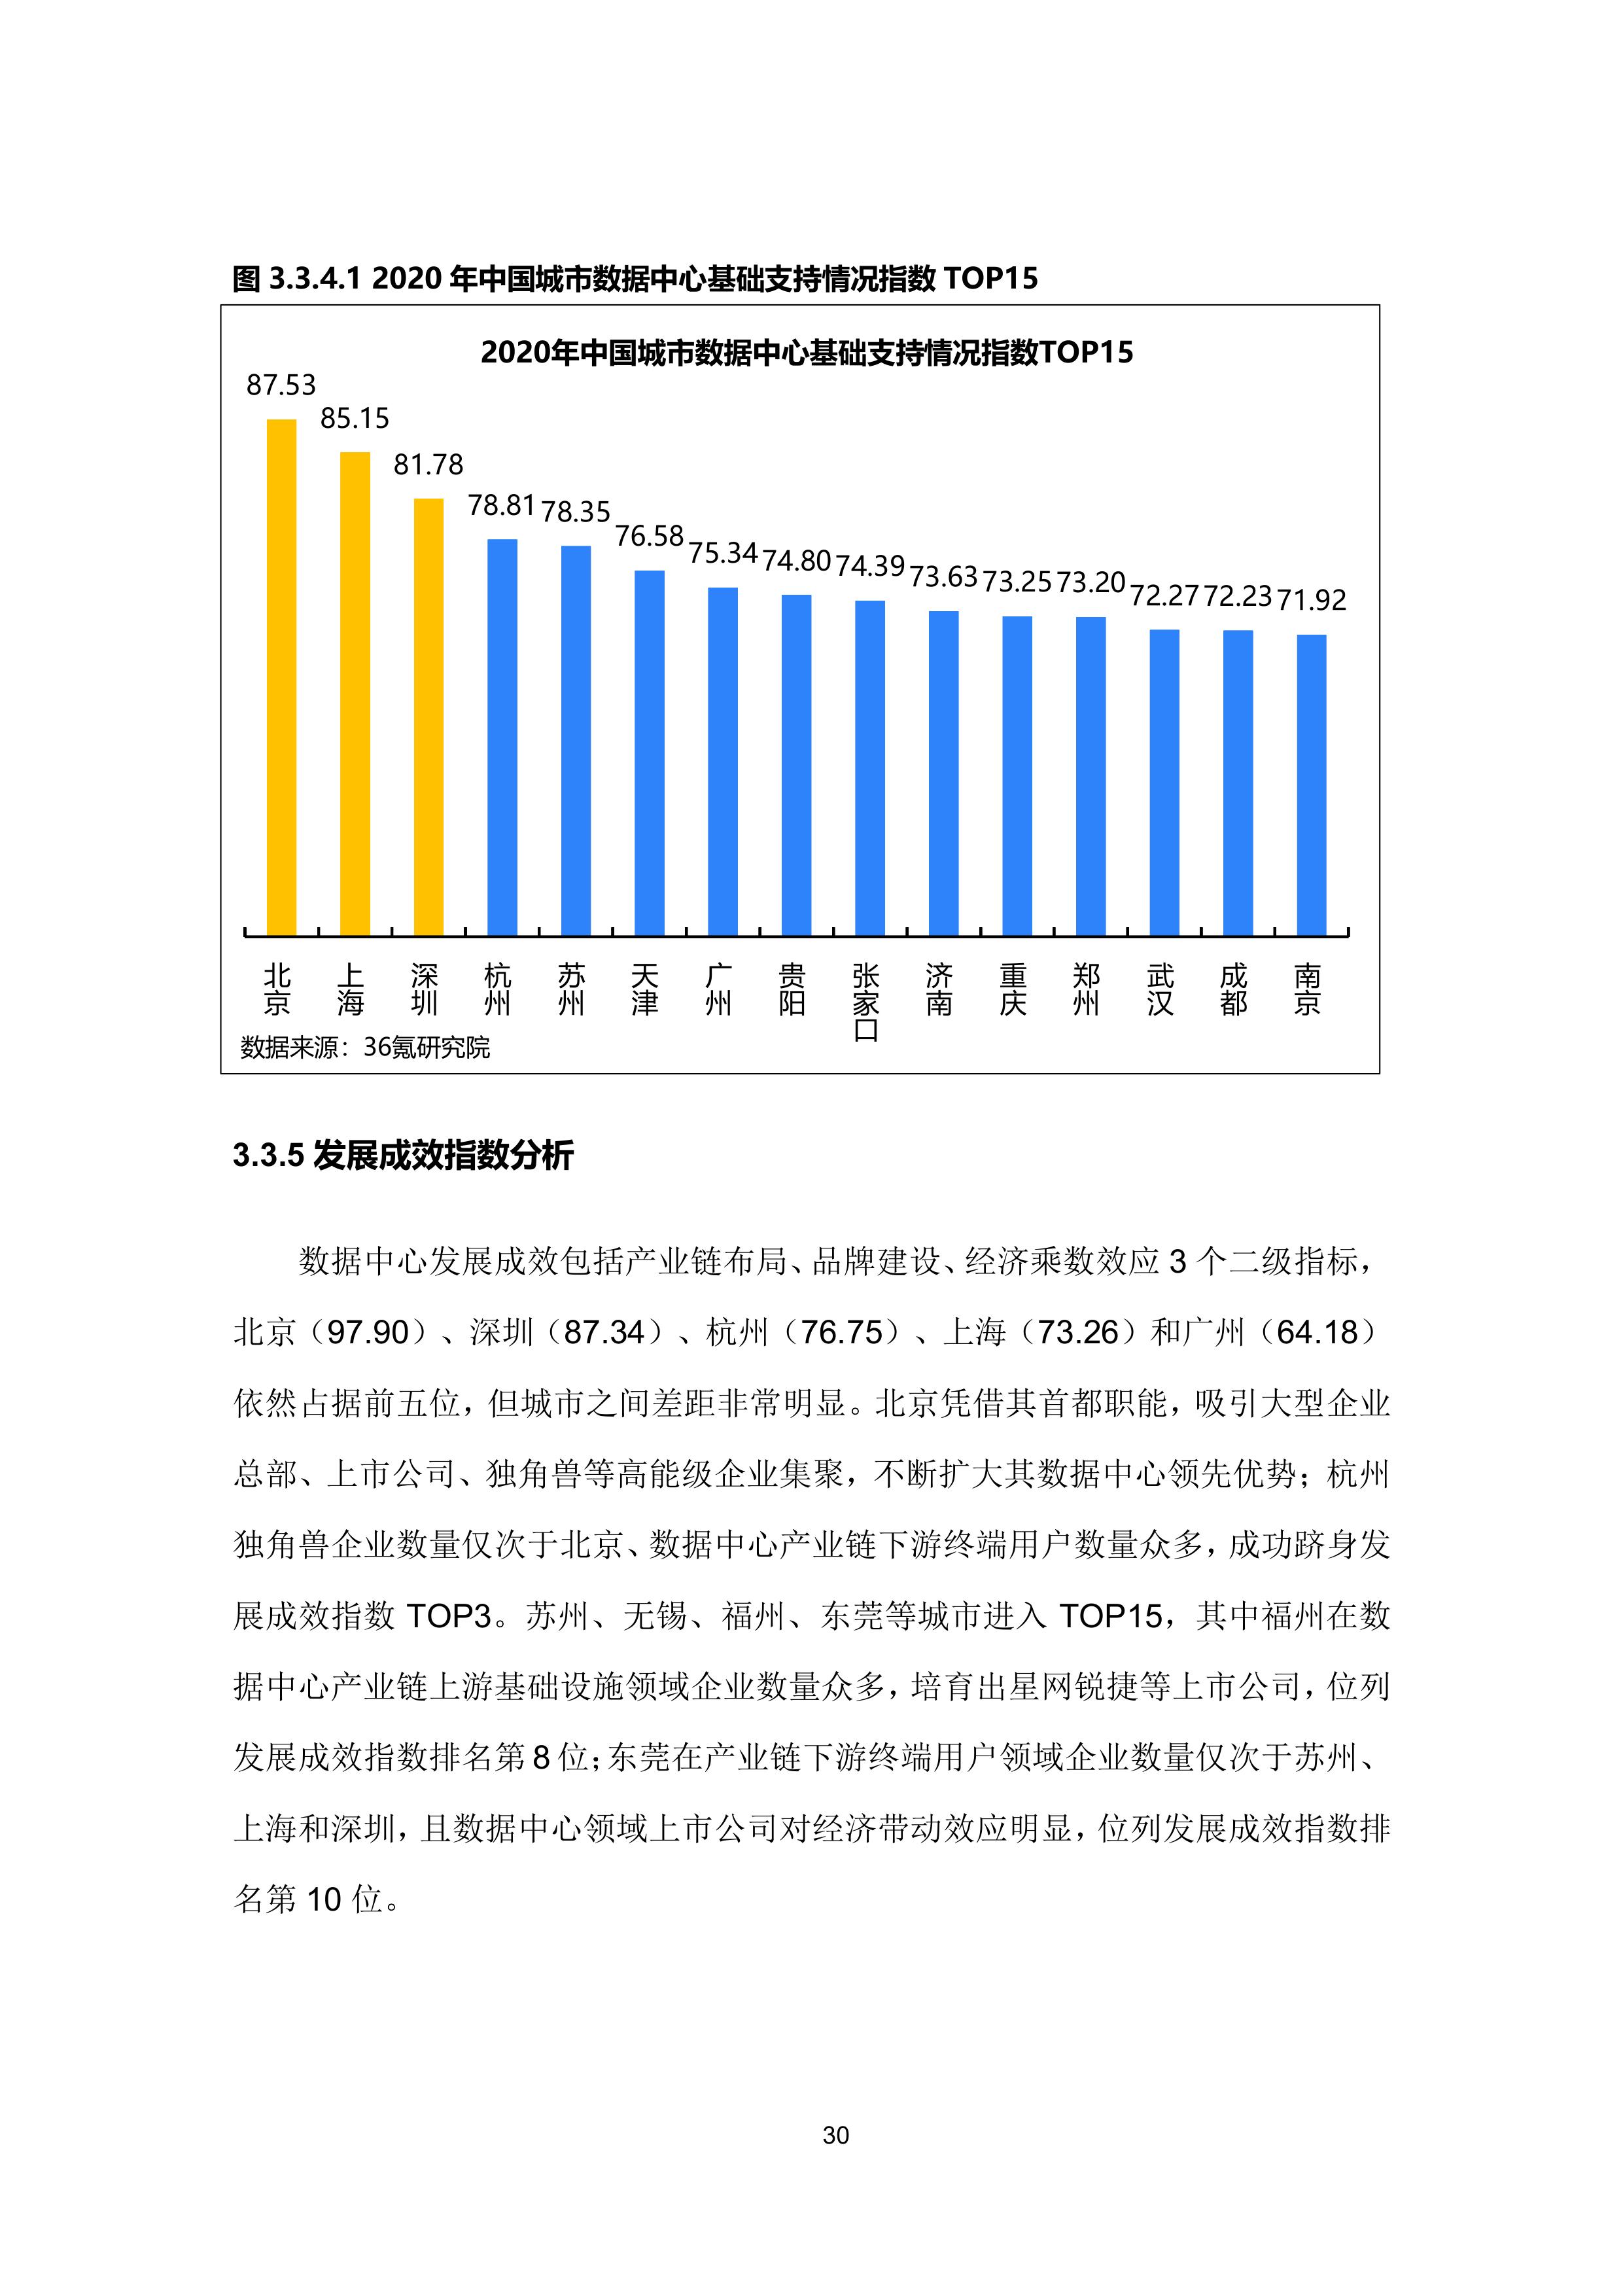 36氪研究院 - 新基建系列之:2020年中国城市数据中心发展指数报告-大菠萝官网(图41)